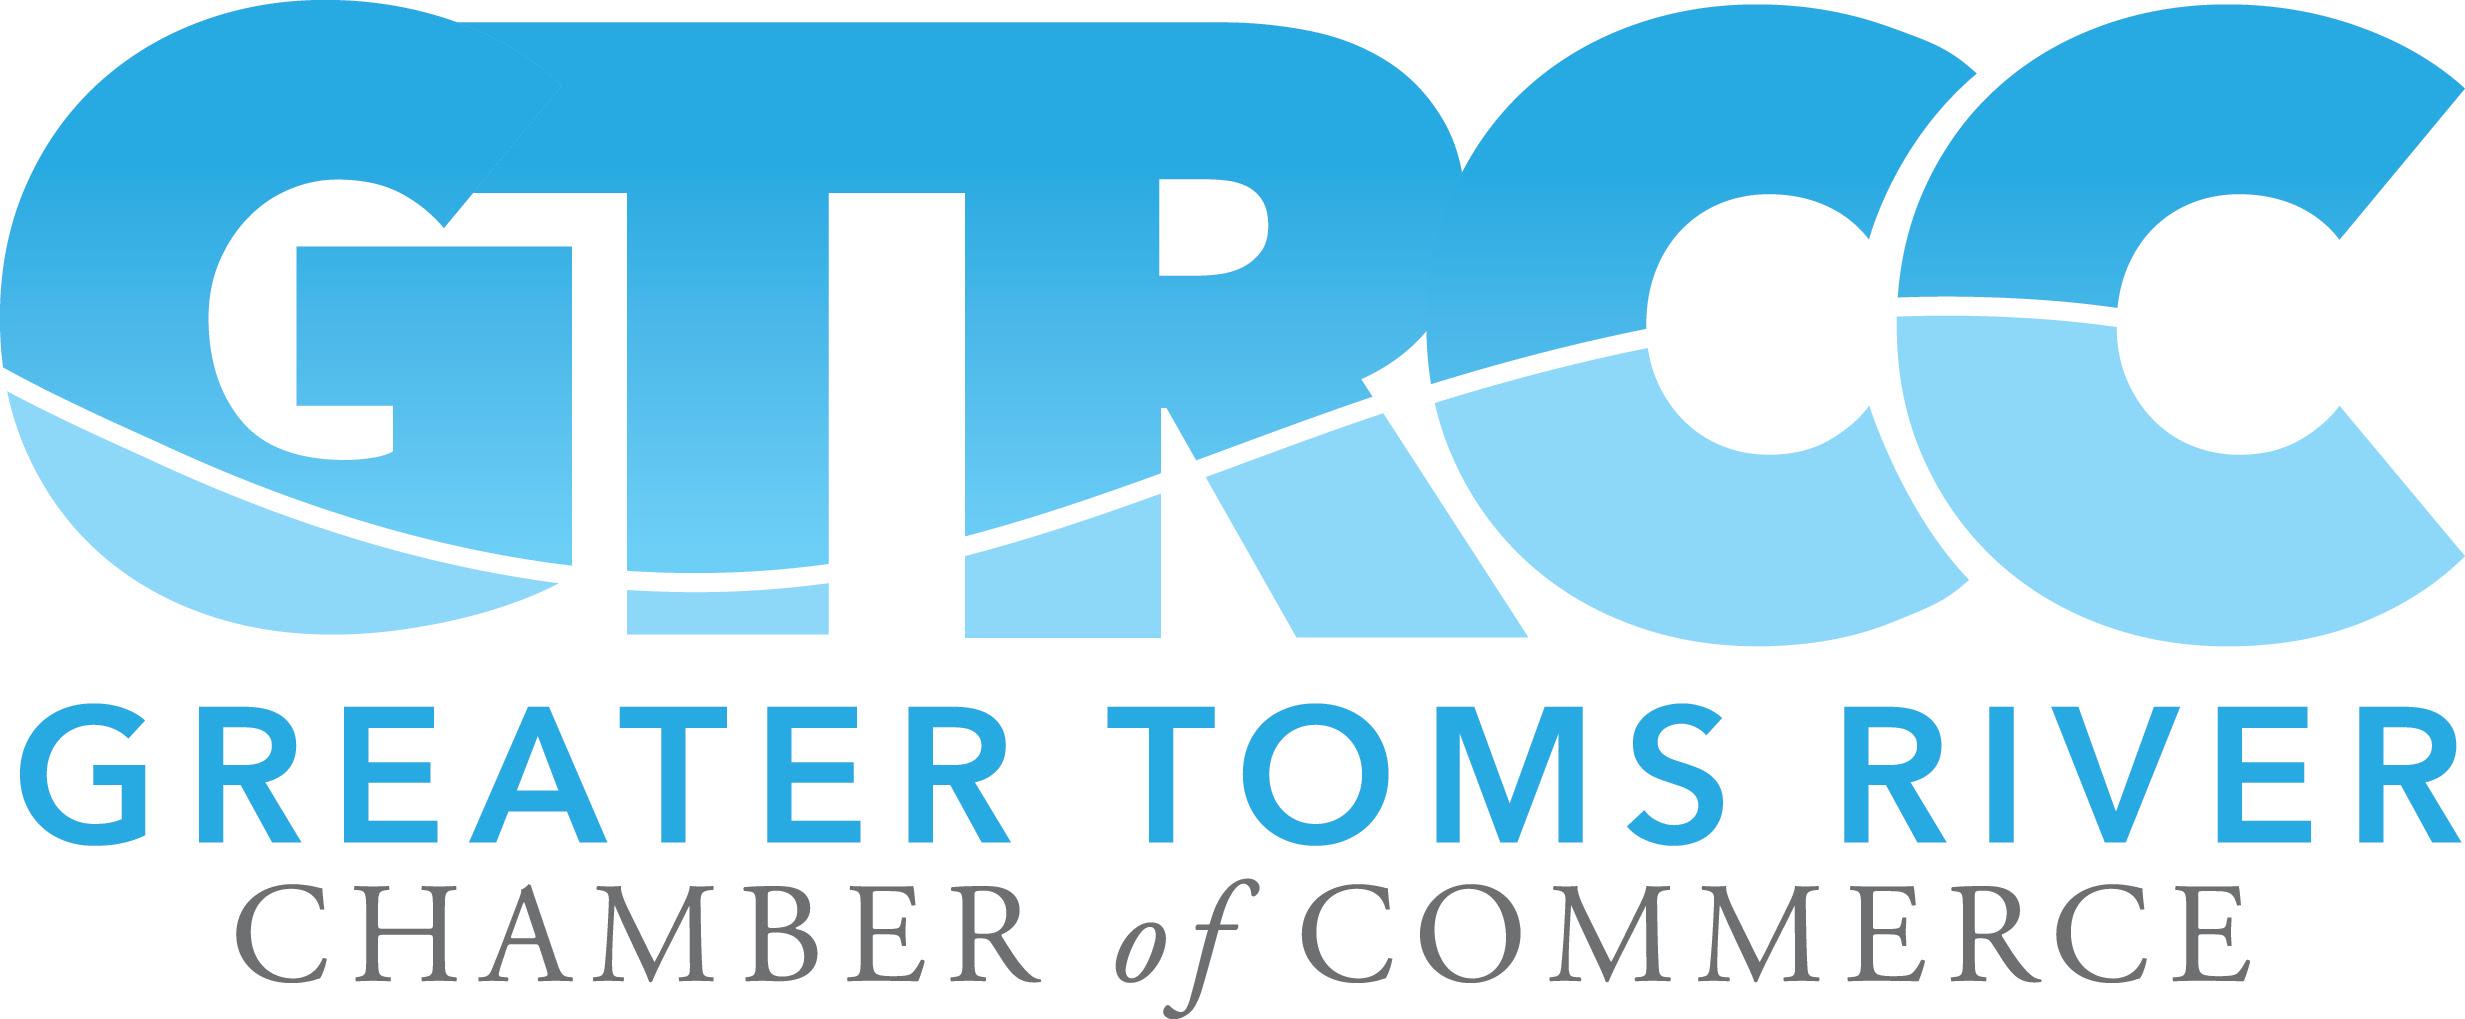 GTRCC Logo MAIN.jpg